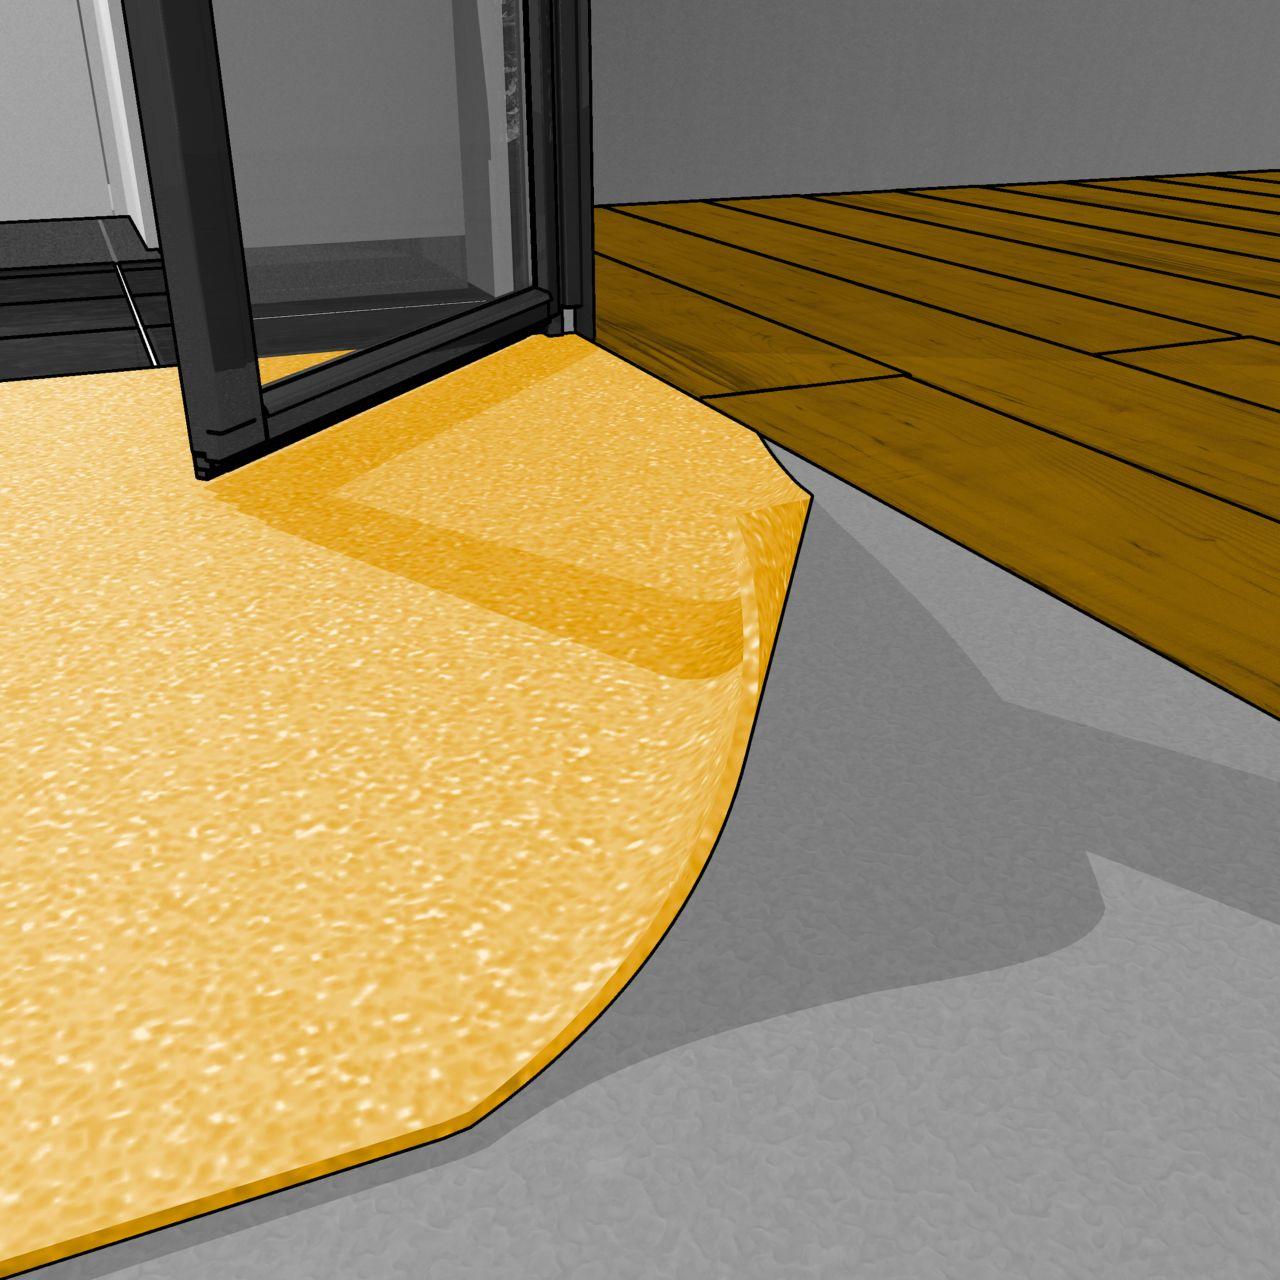 室内厨房地板粘合剂在非现场施工过程中的应用说明